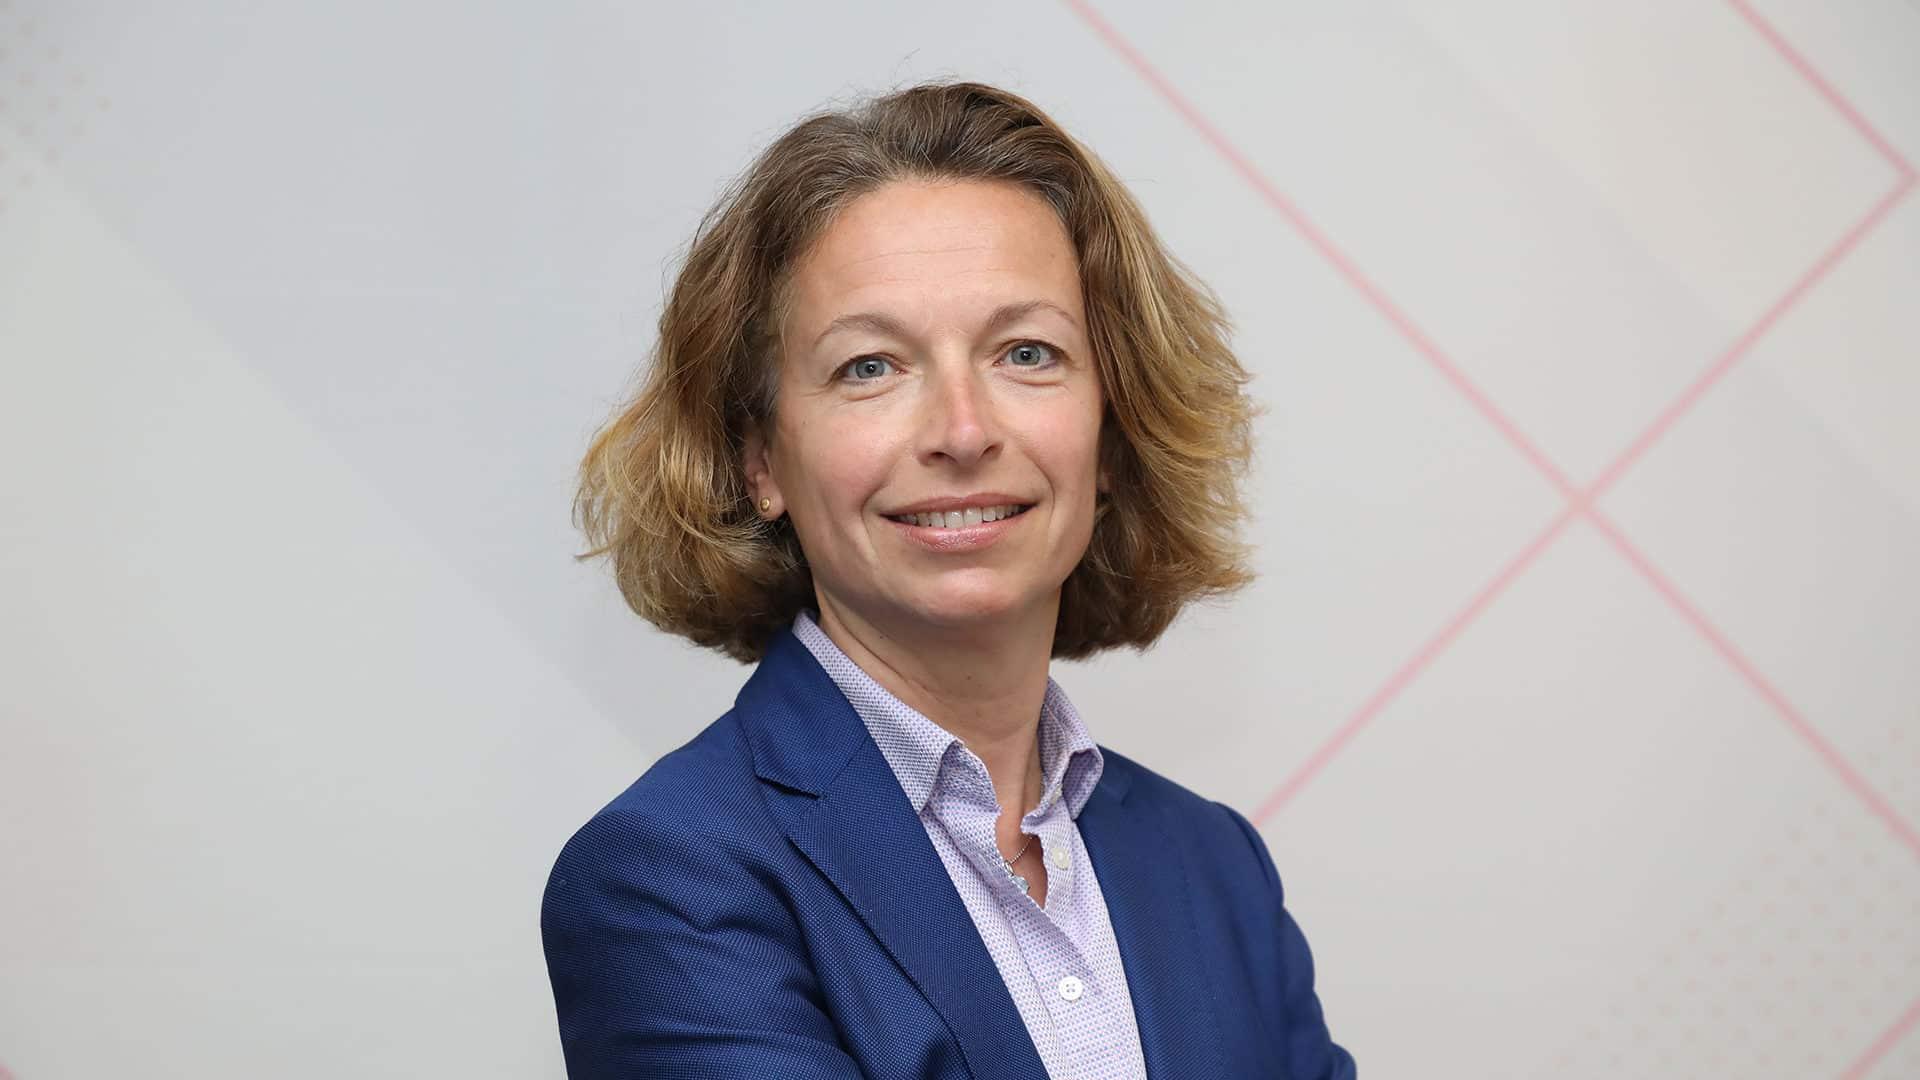 Angele Pasquier